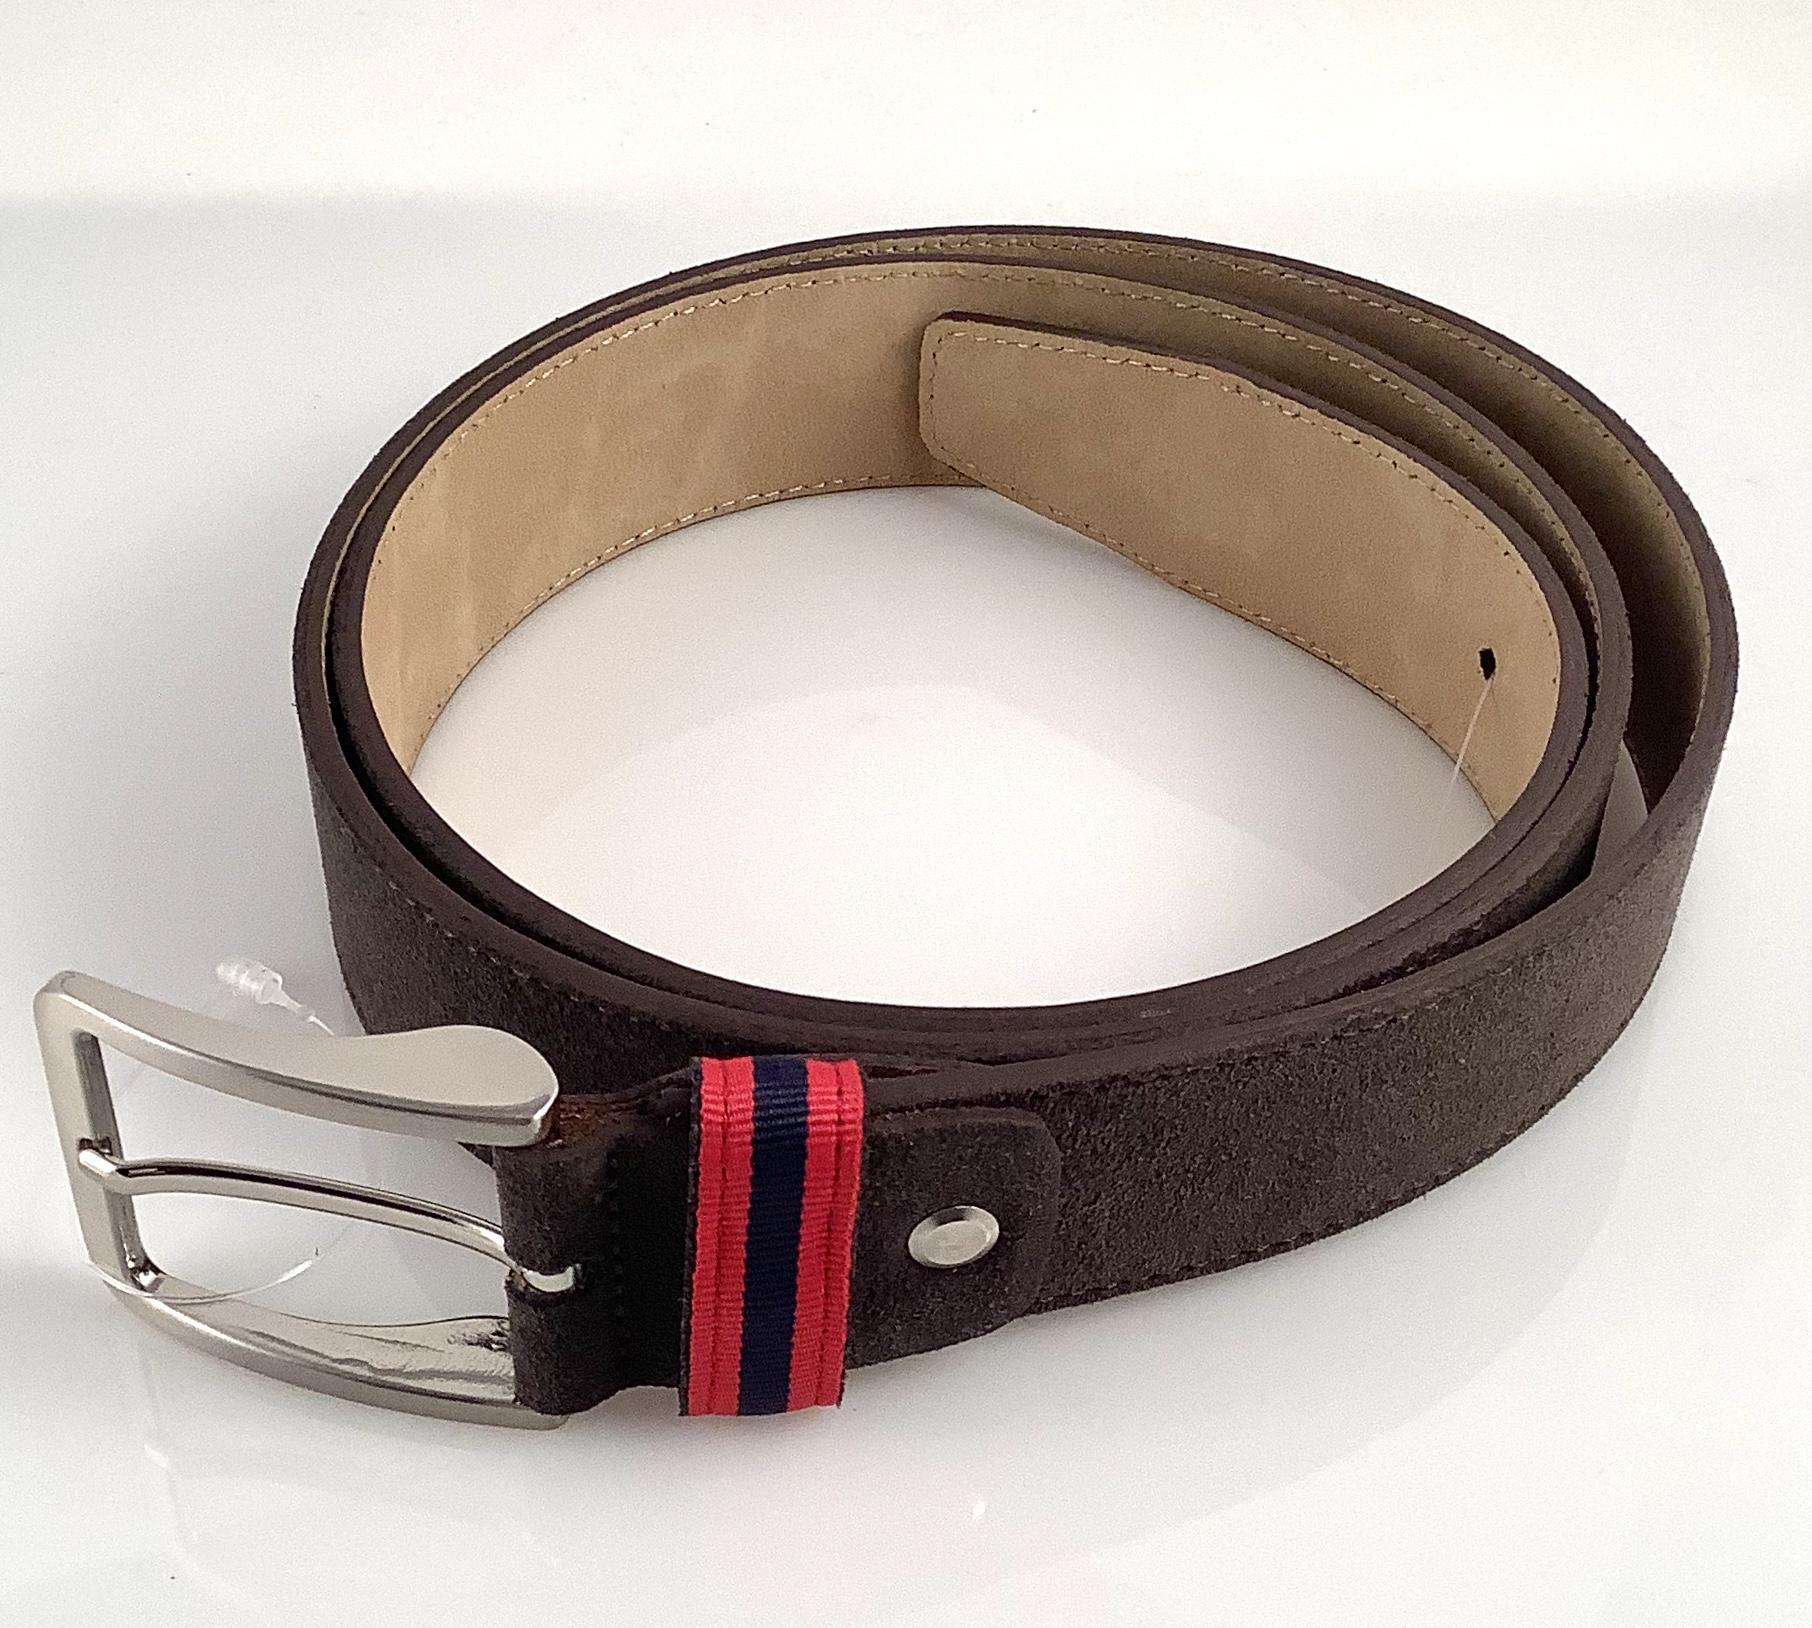 Cinturón piel Manuel Gallardo